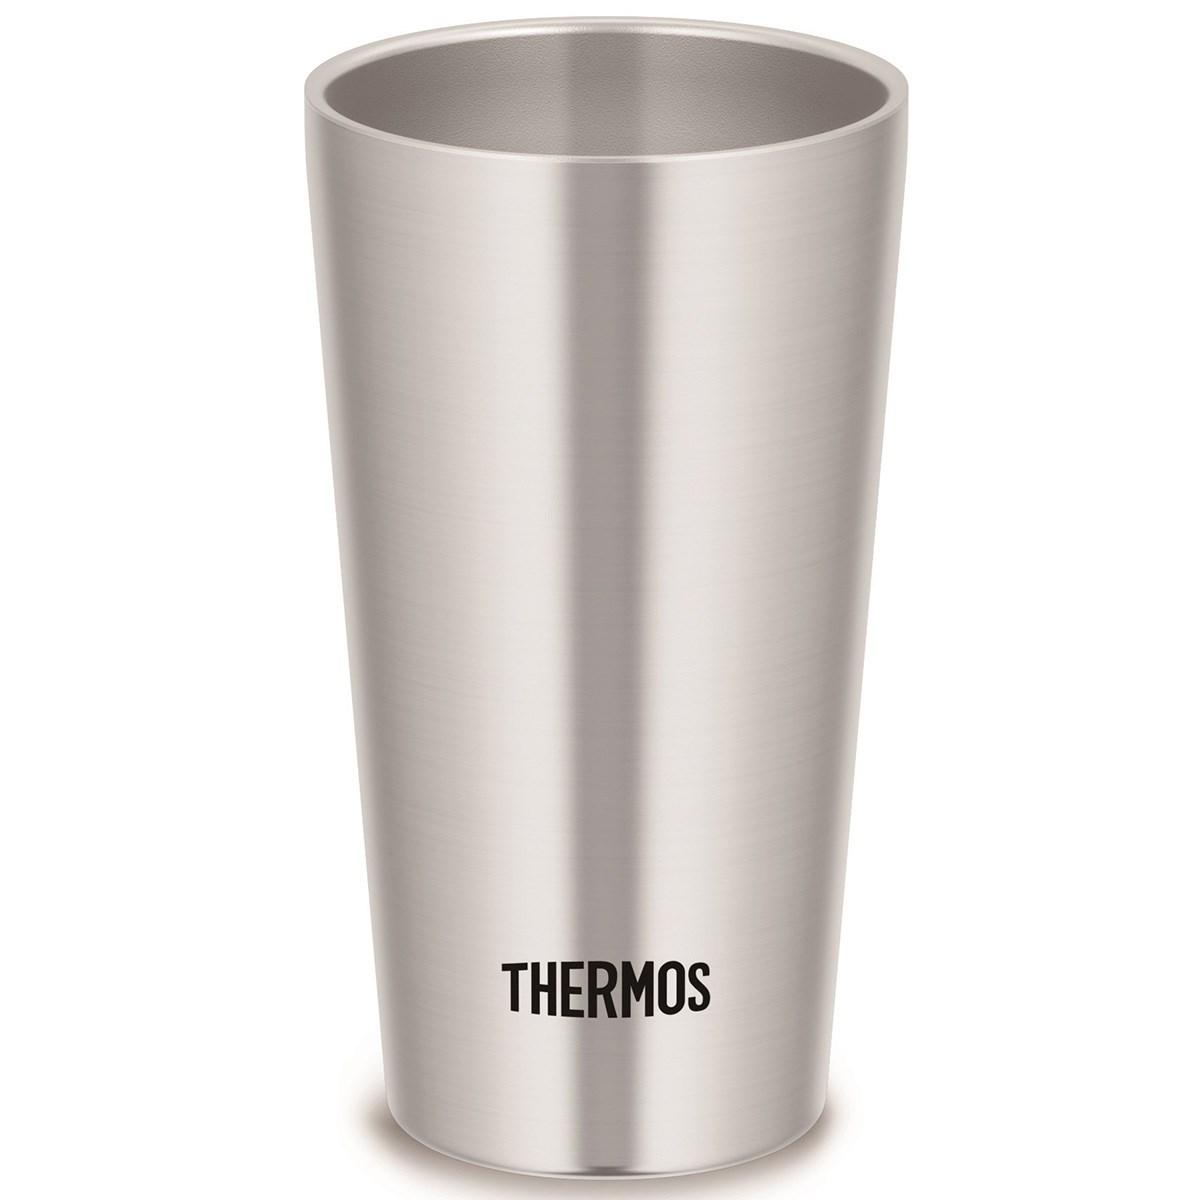 サーモス 真空断熱タンブラー 0.3L